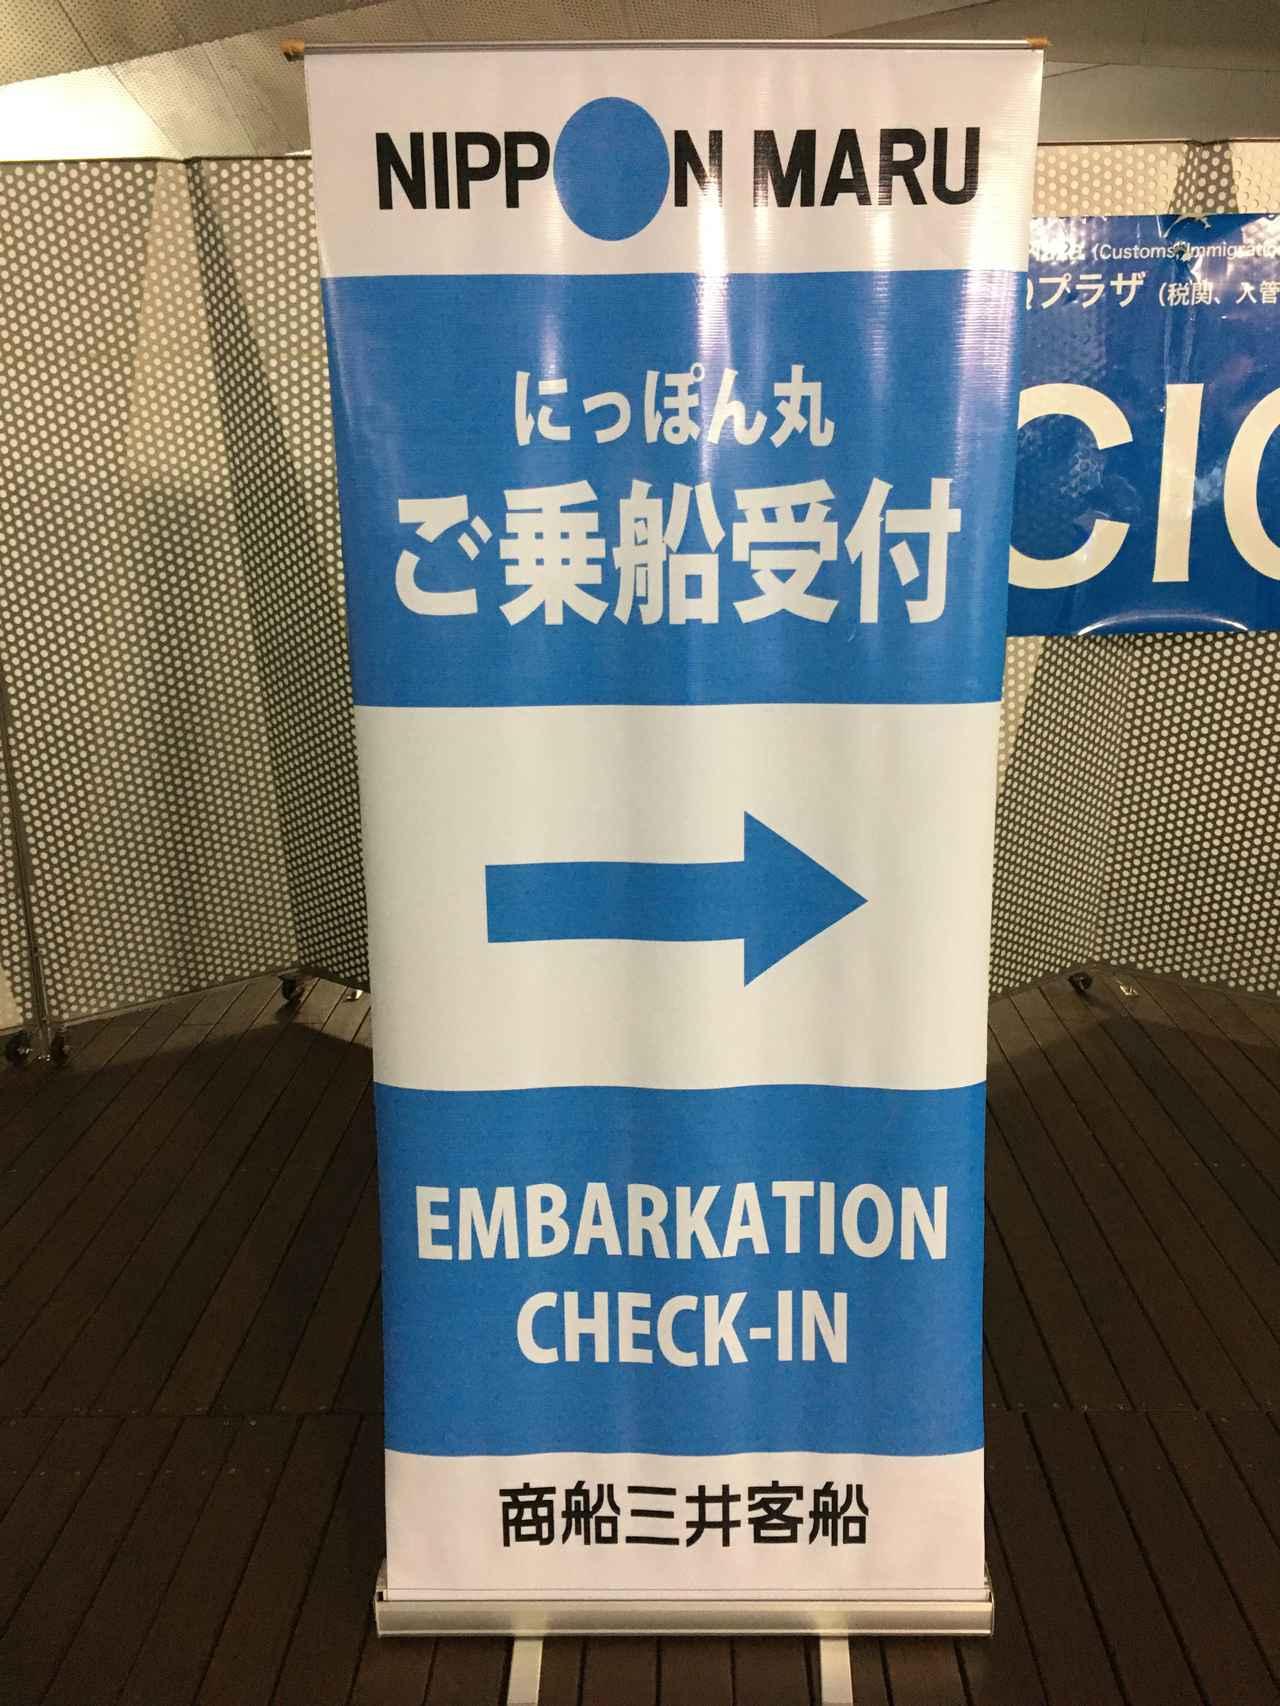 画像2: 横浜港大さん橋国際客船ターミナル(筆者撮影)